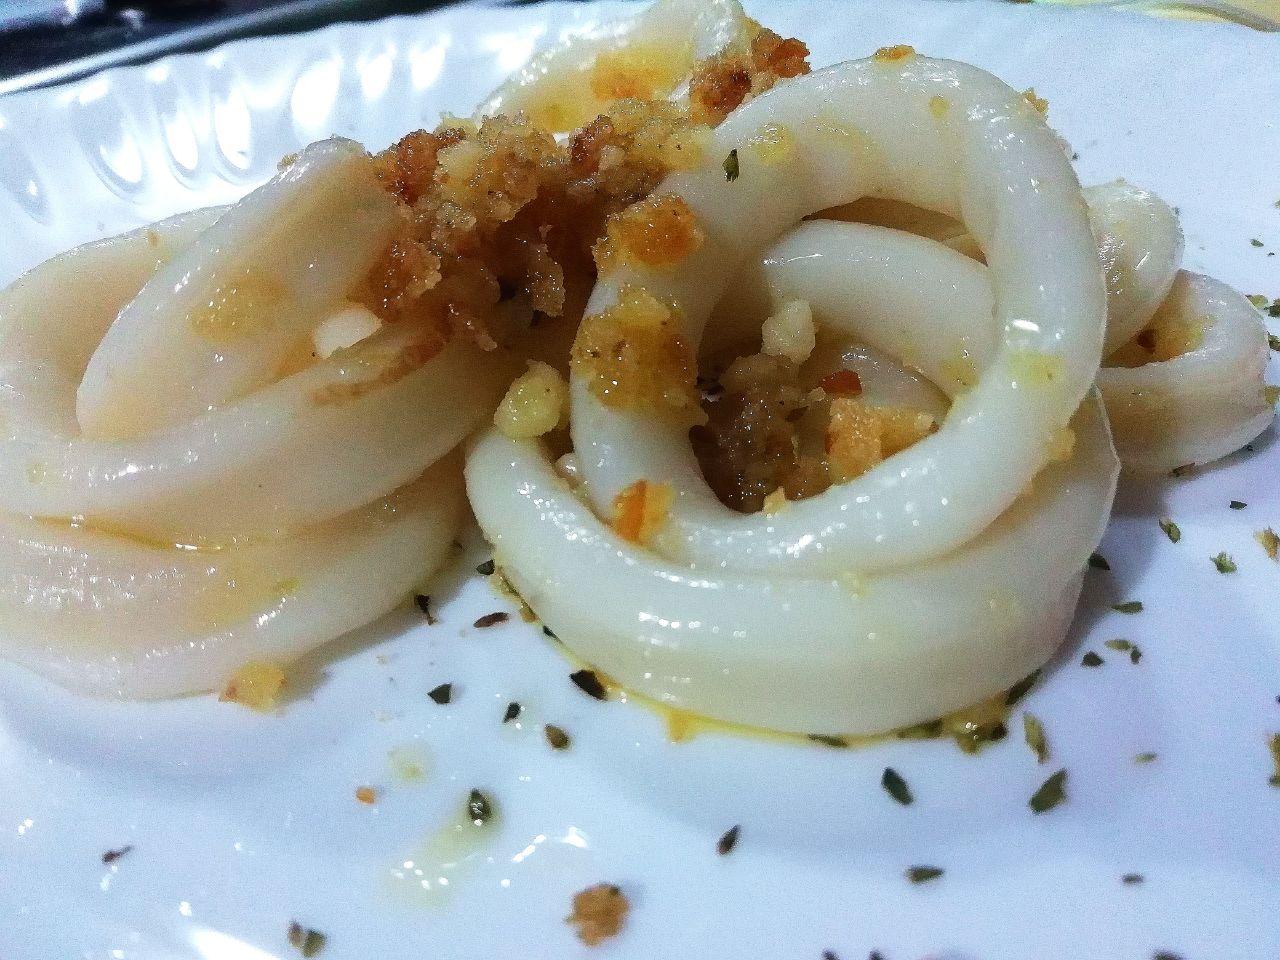 Secondi piatti a base di pesce: anelli di totano con pane croccante, semplici ed economici!